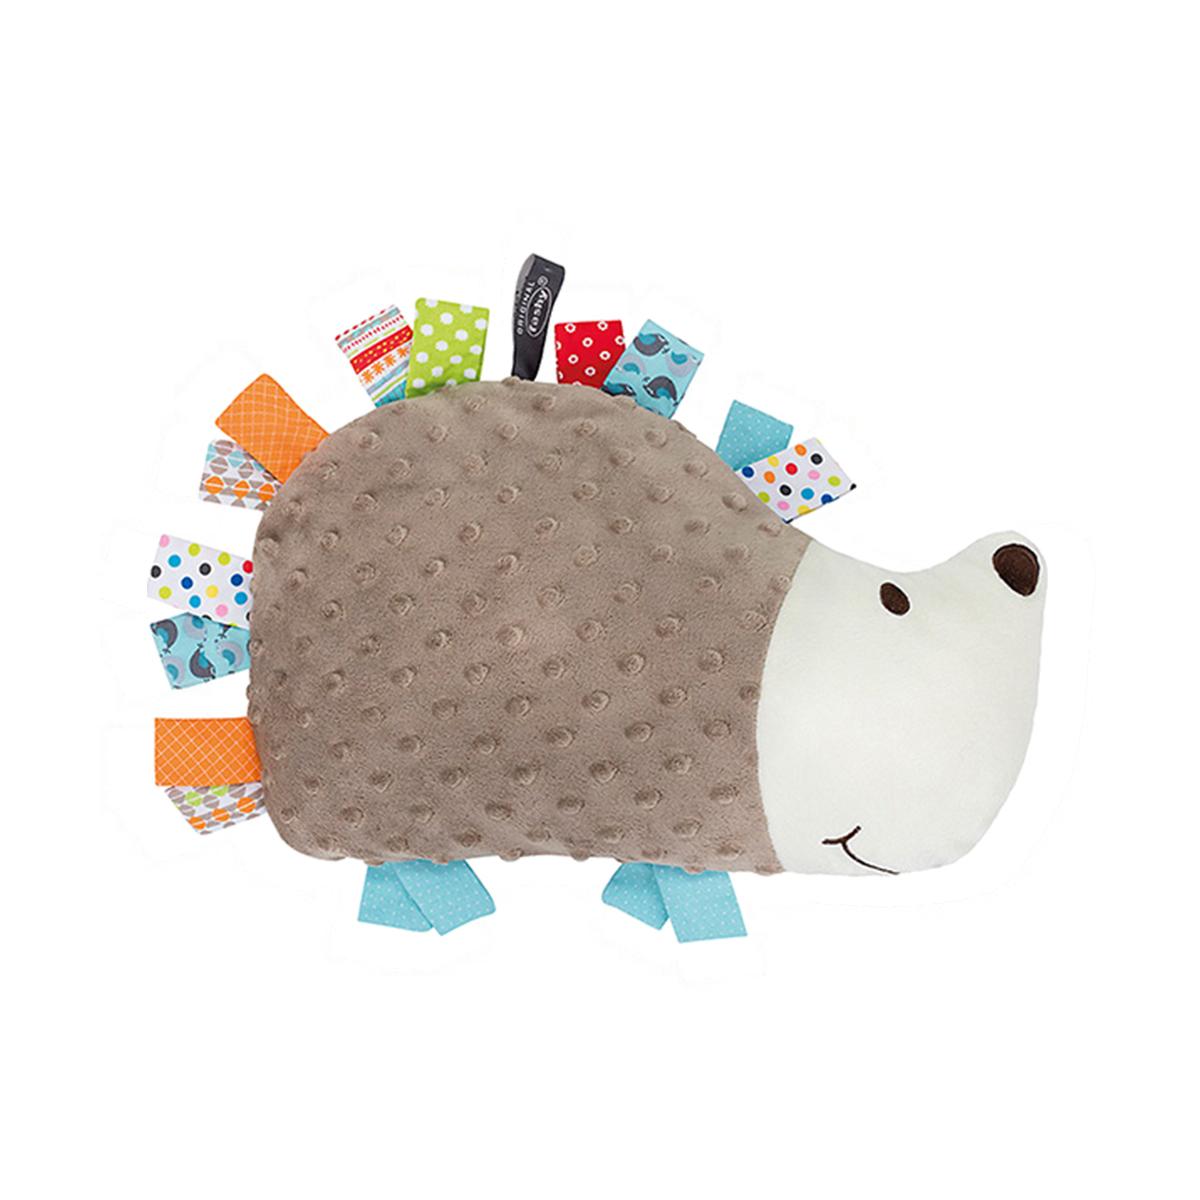 冬の寒さを乗り越える「湯たんぽ」 ハリネズミ湯たんぽ   一緒に寝ようね、と話してくれそうな、愛くるしいぬいぐるみ湯たんぽ